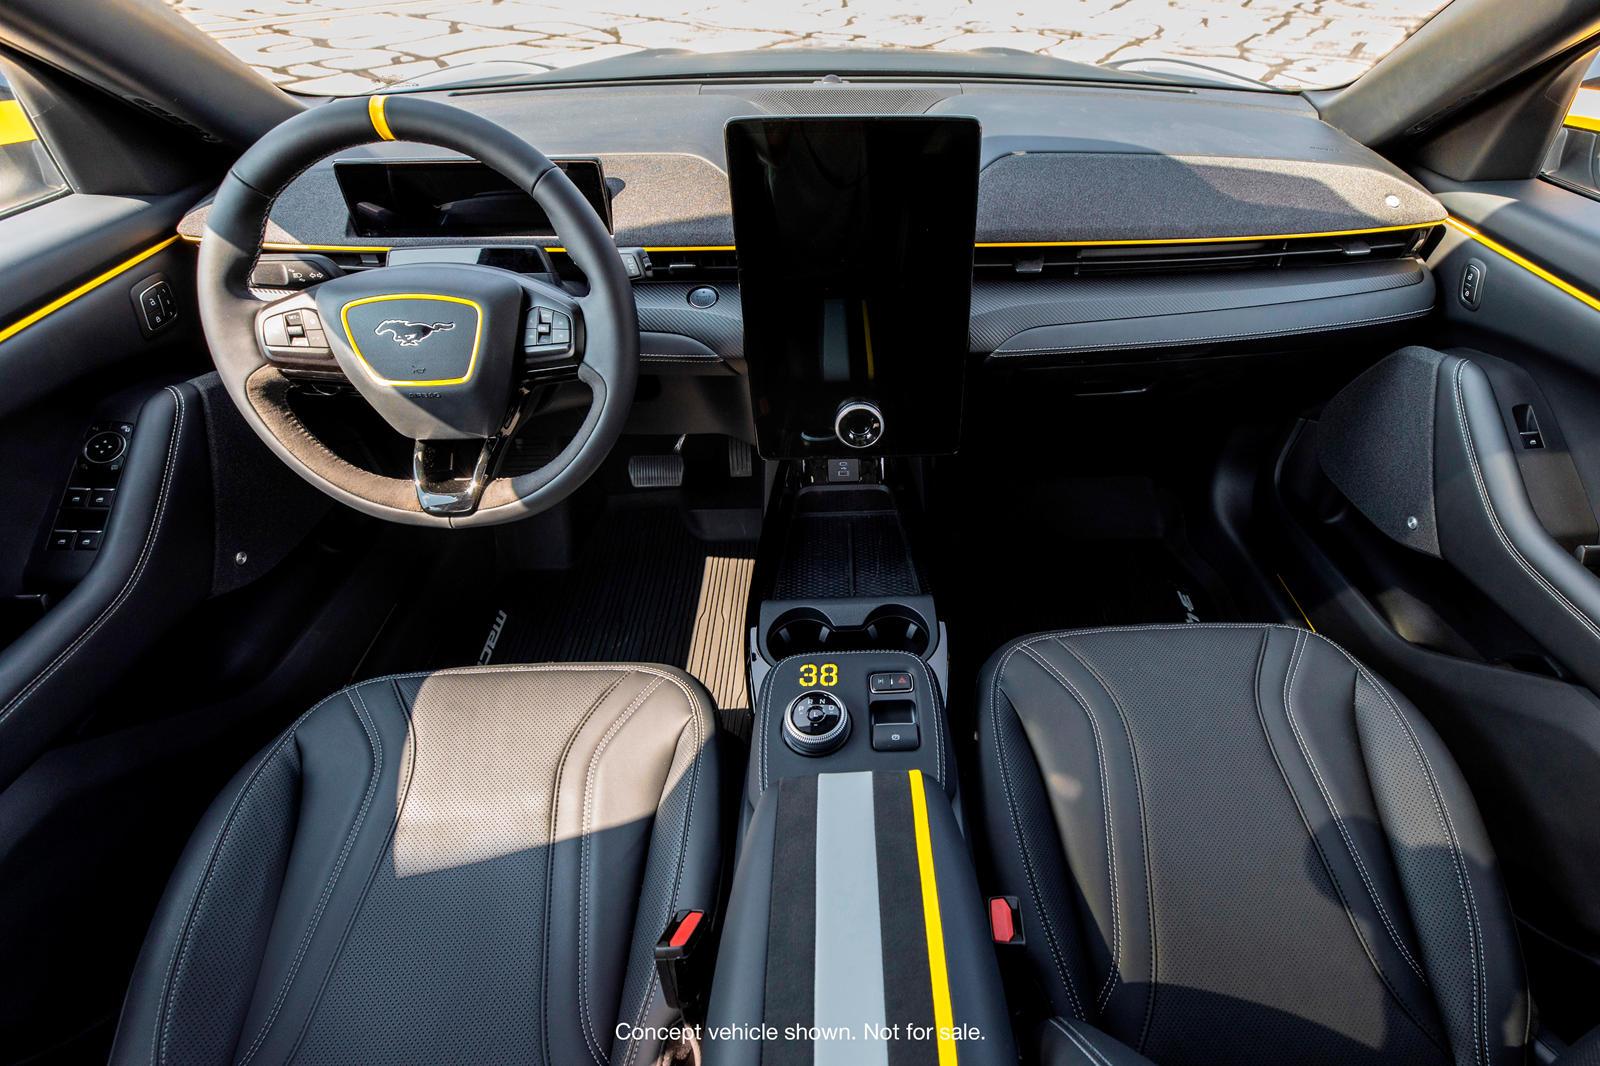 Ford Mustang Mach-E - знаковый автомобиль для Ford, и, помимо его спорного названия и неизбежного сравнения с классическим пони-каром, этот стильный и быстрый электрический кроссовер легко покорится. Теперь электромобиль снова оказался в центре внима